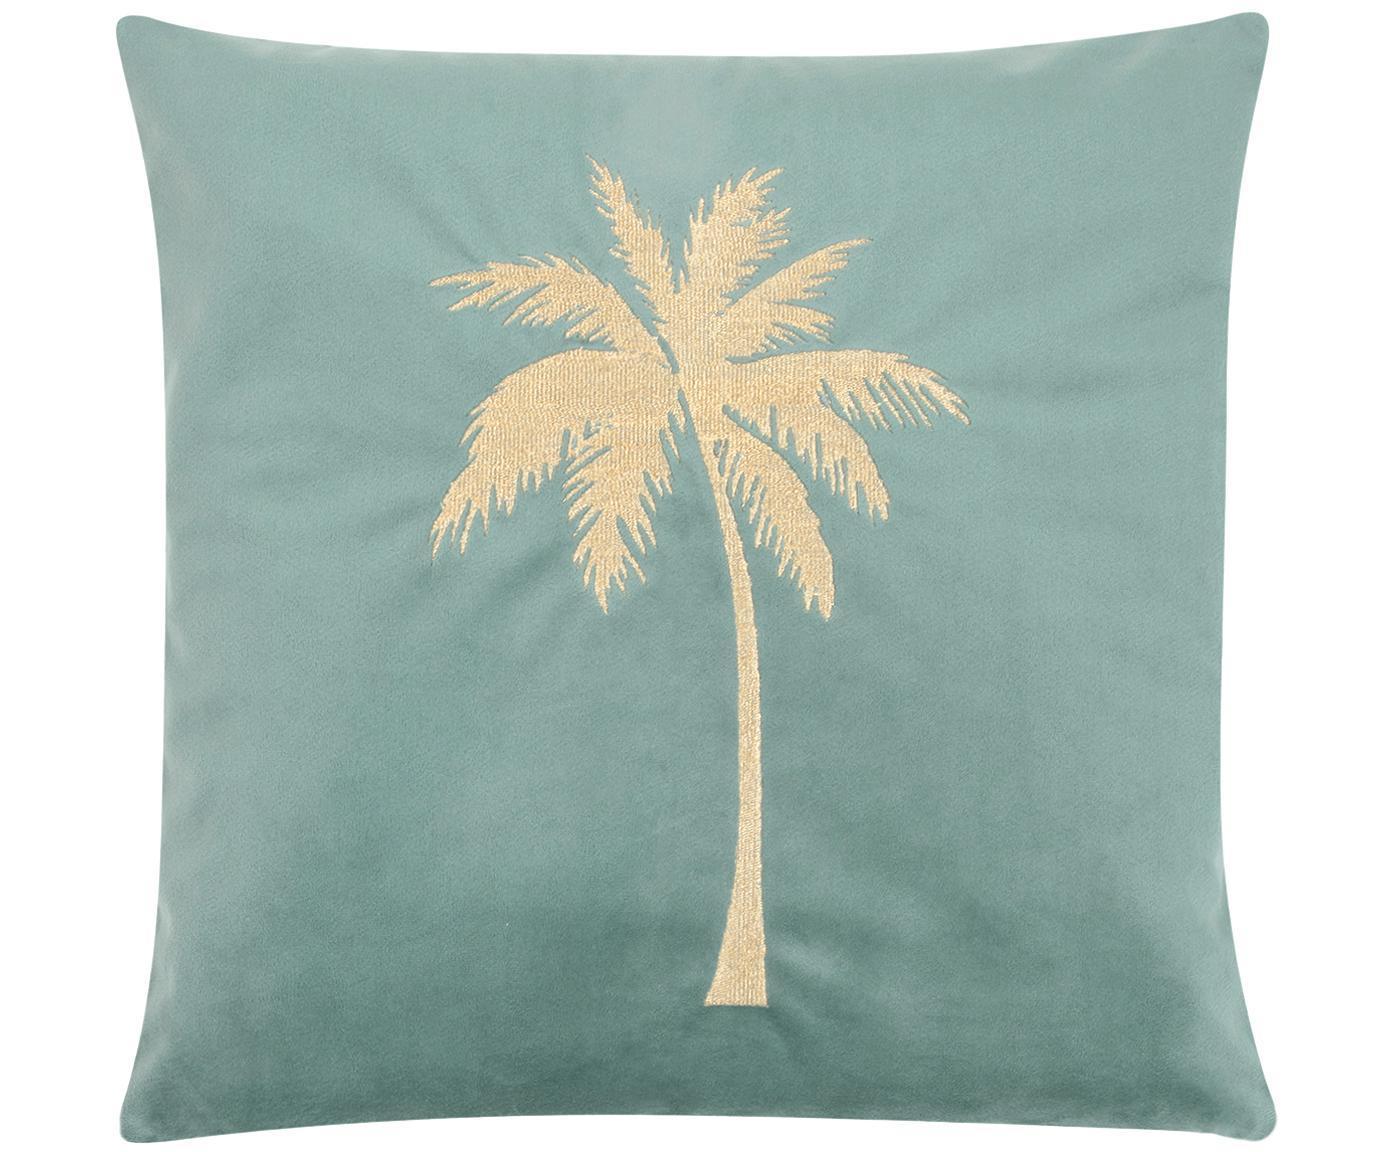 Federa arredo in velluto lucido Palmsprings, Velluto di poliestere, Verde menta, dorato, Larg. 40 x Lung. 40 cm